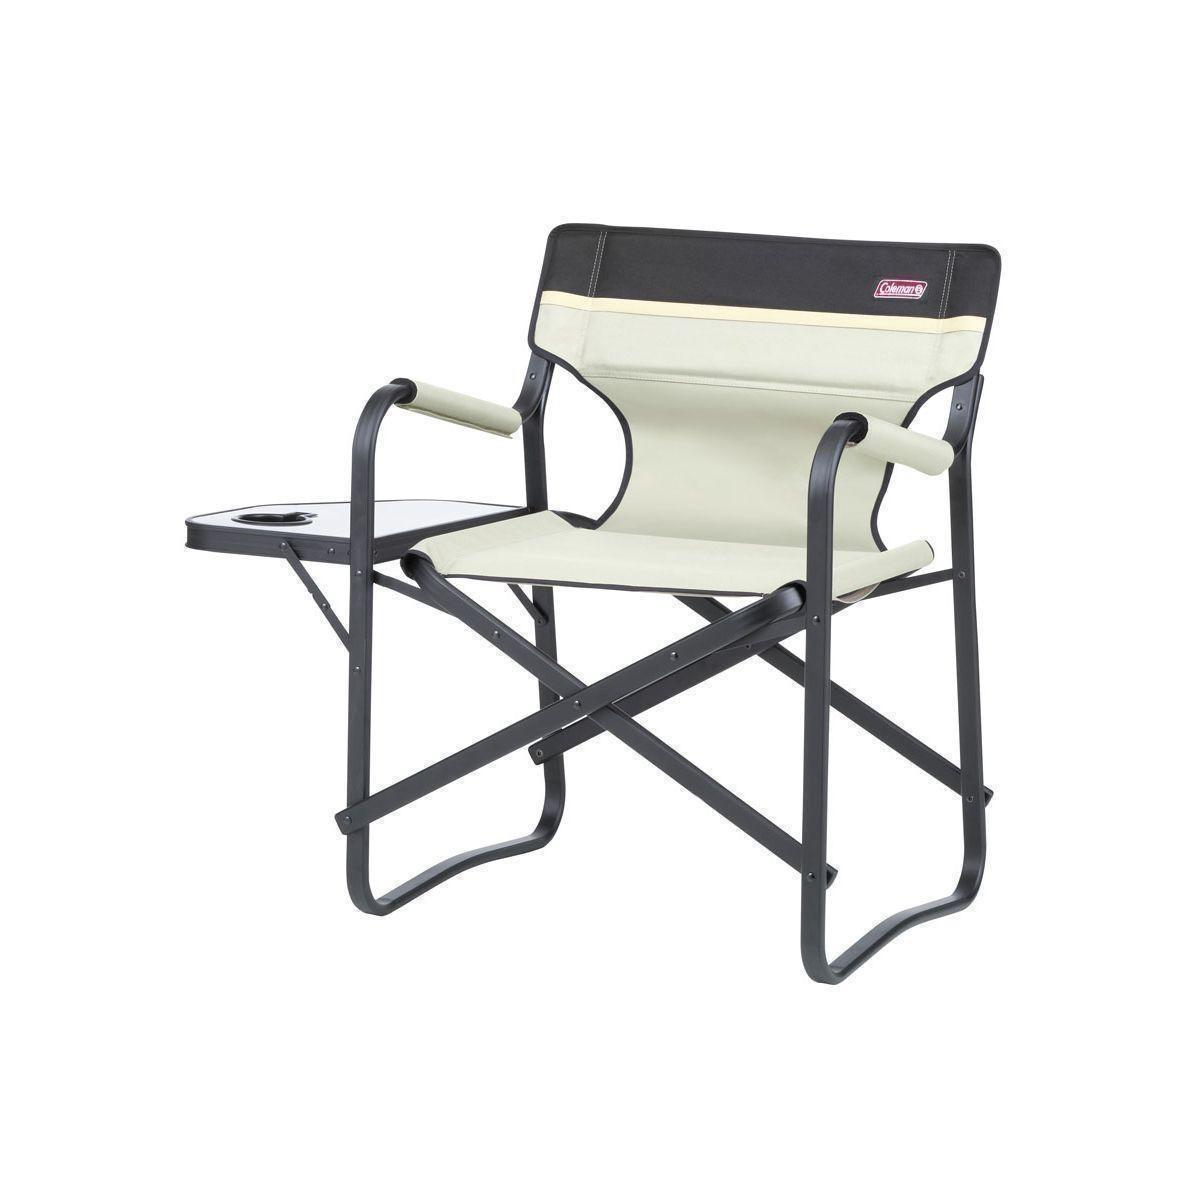 coleman campingstuhl 39 deck chair 39 mit tisch bei outdoor zeit kaufen. Black Bedroom Furniture Sets. Home Design Ideas